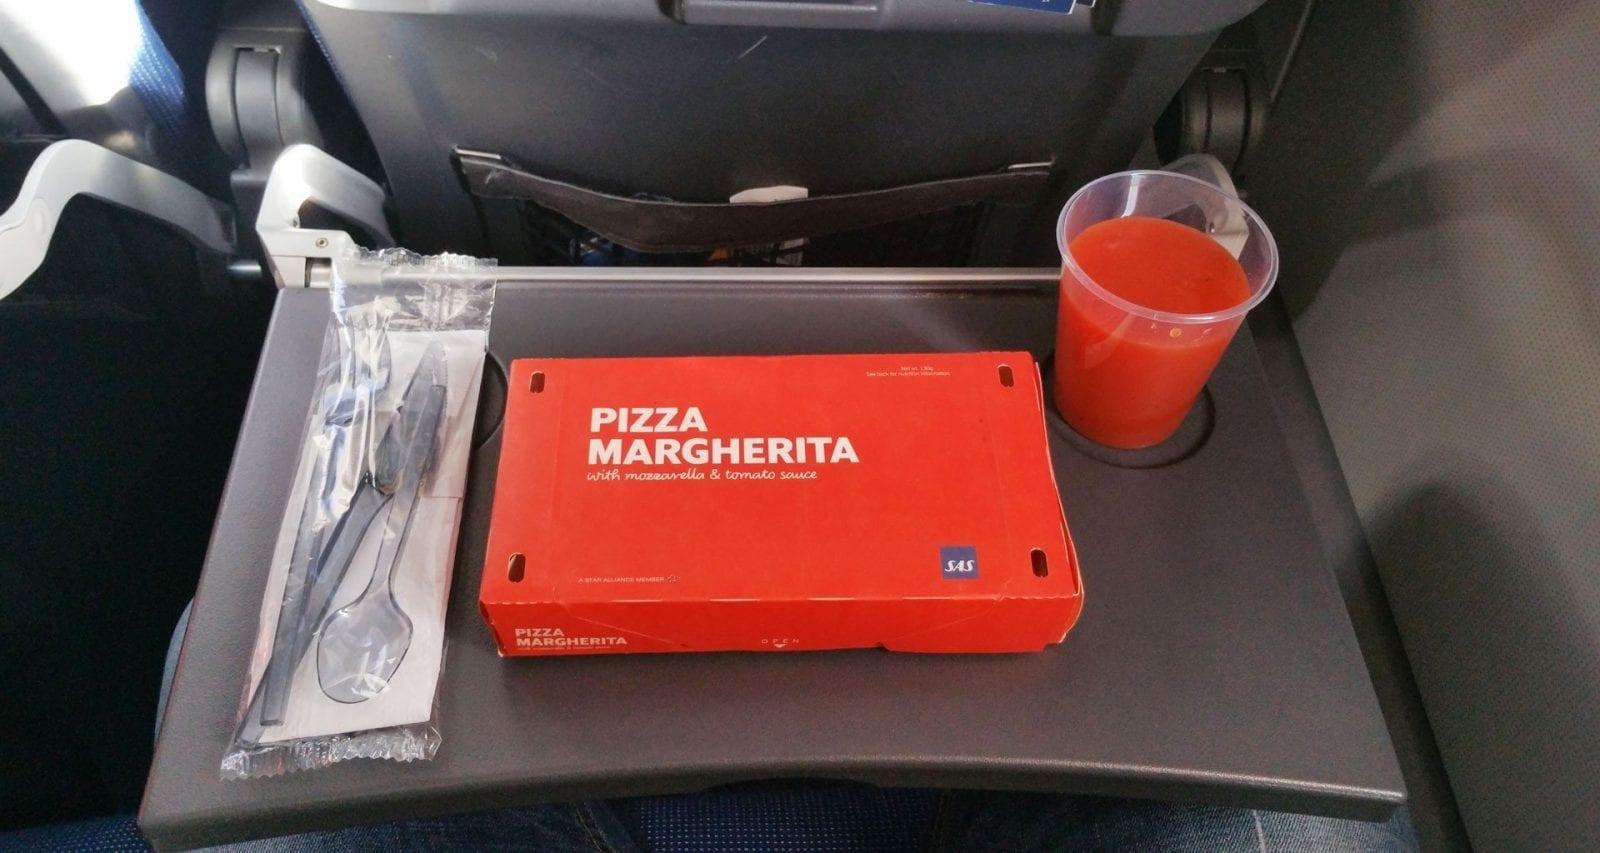 Sas Scandinavian airlines inflight pizza